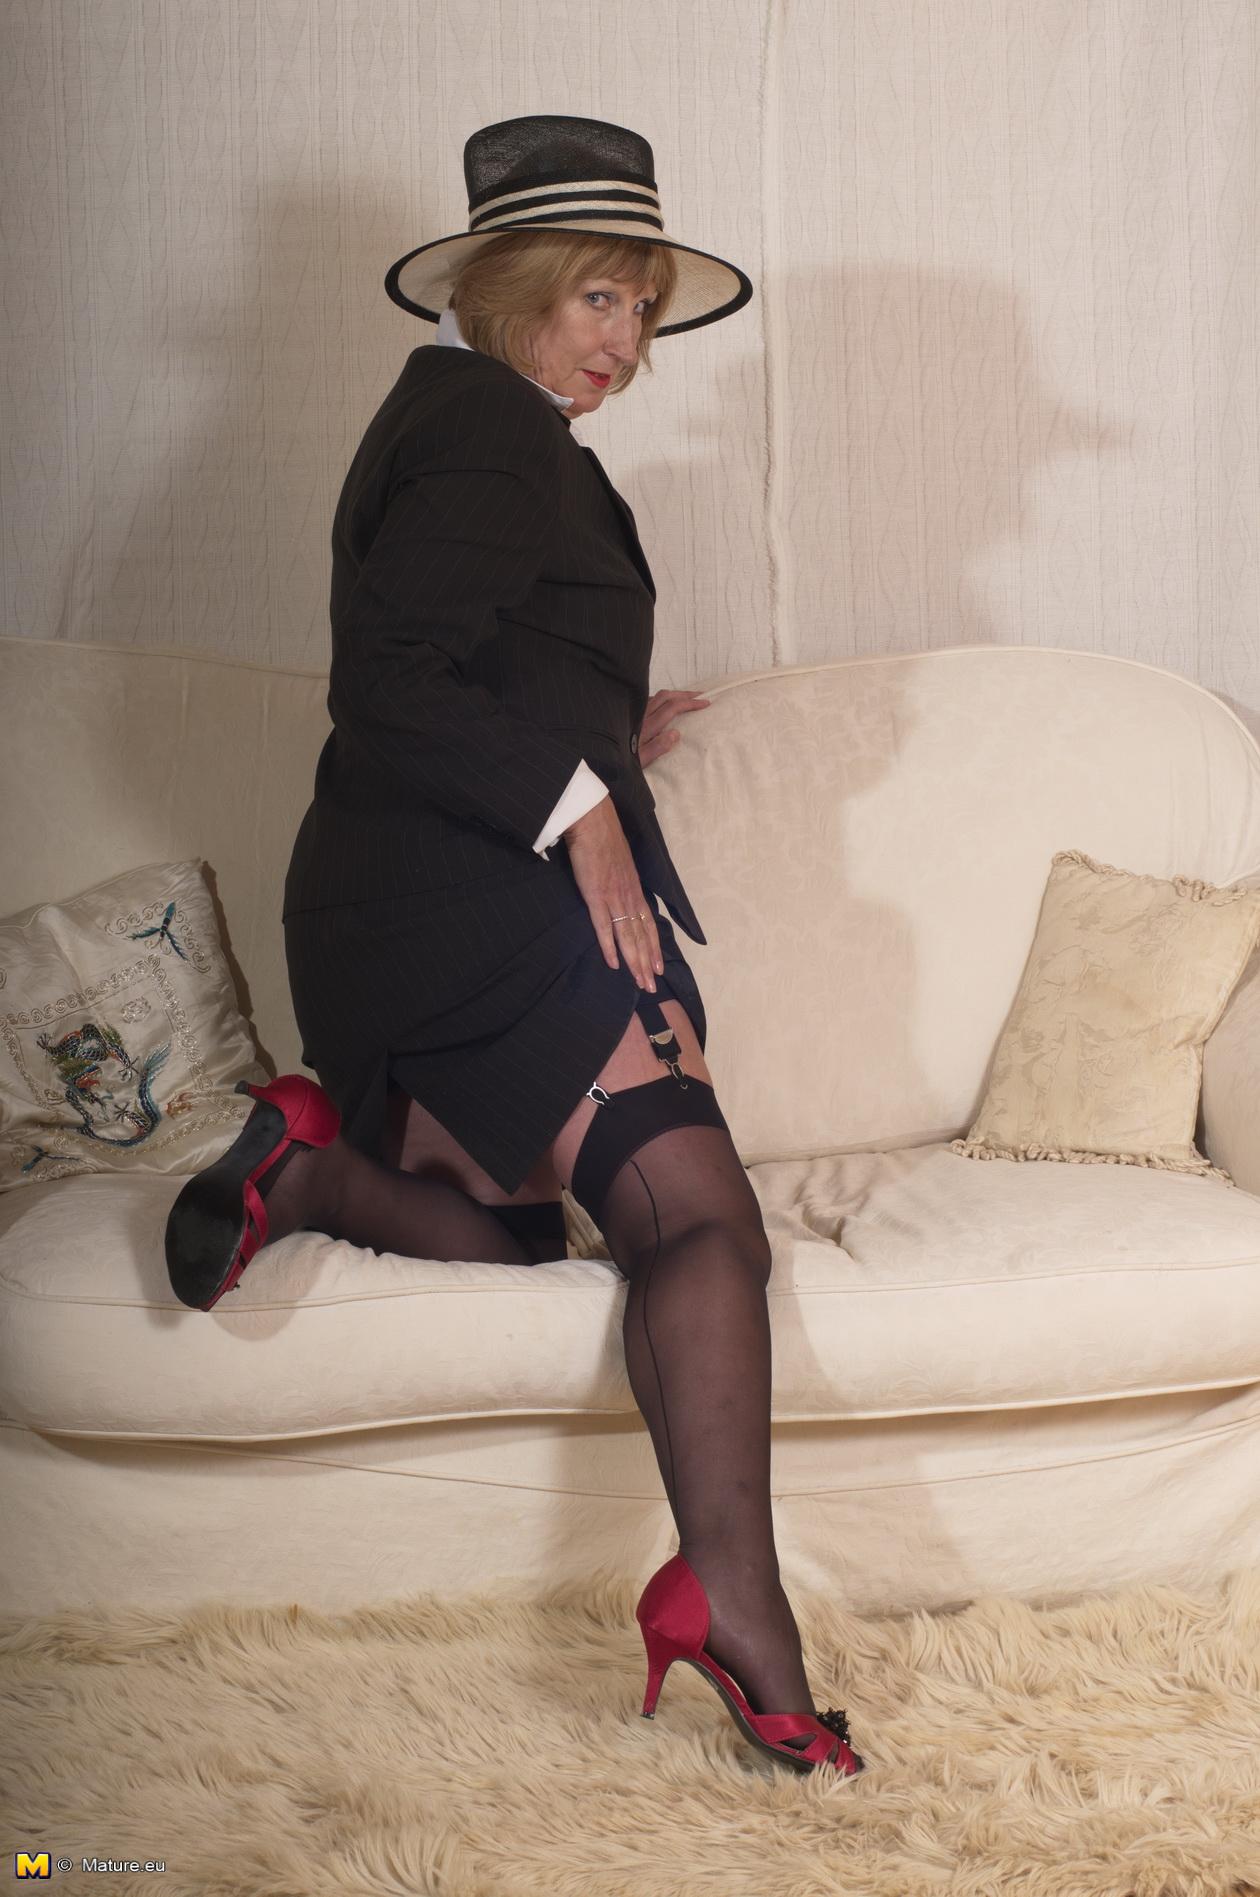 British milf lara latex introduces her website - 3 part 3